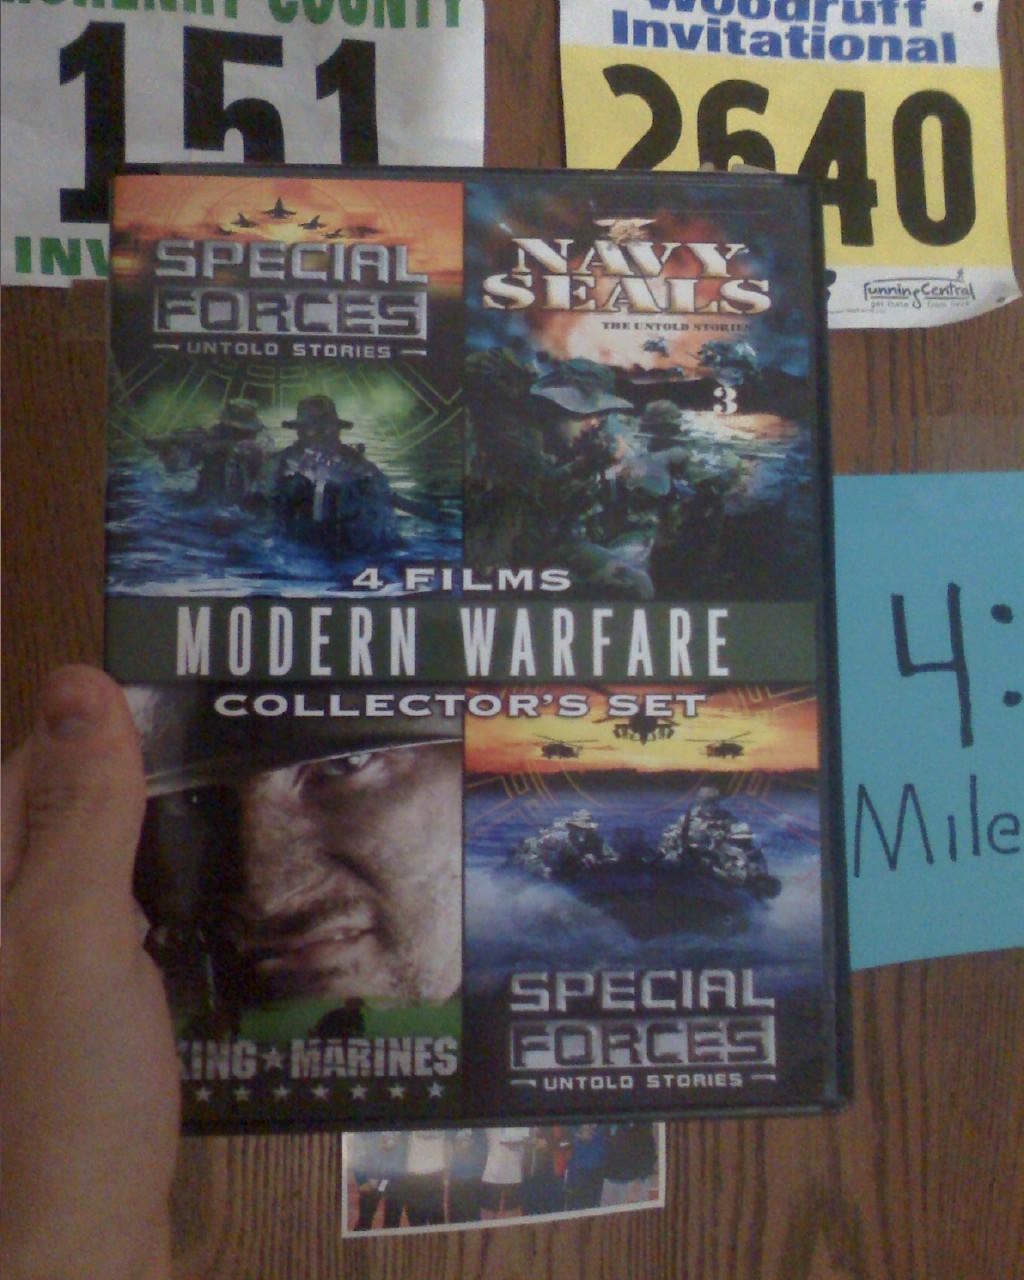 The real Modern Warfare?